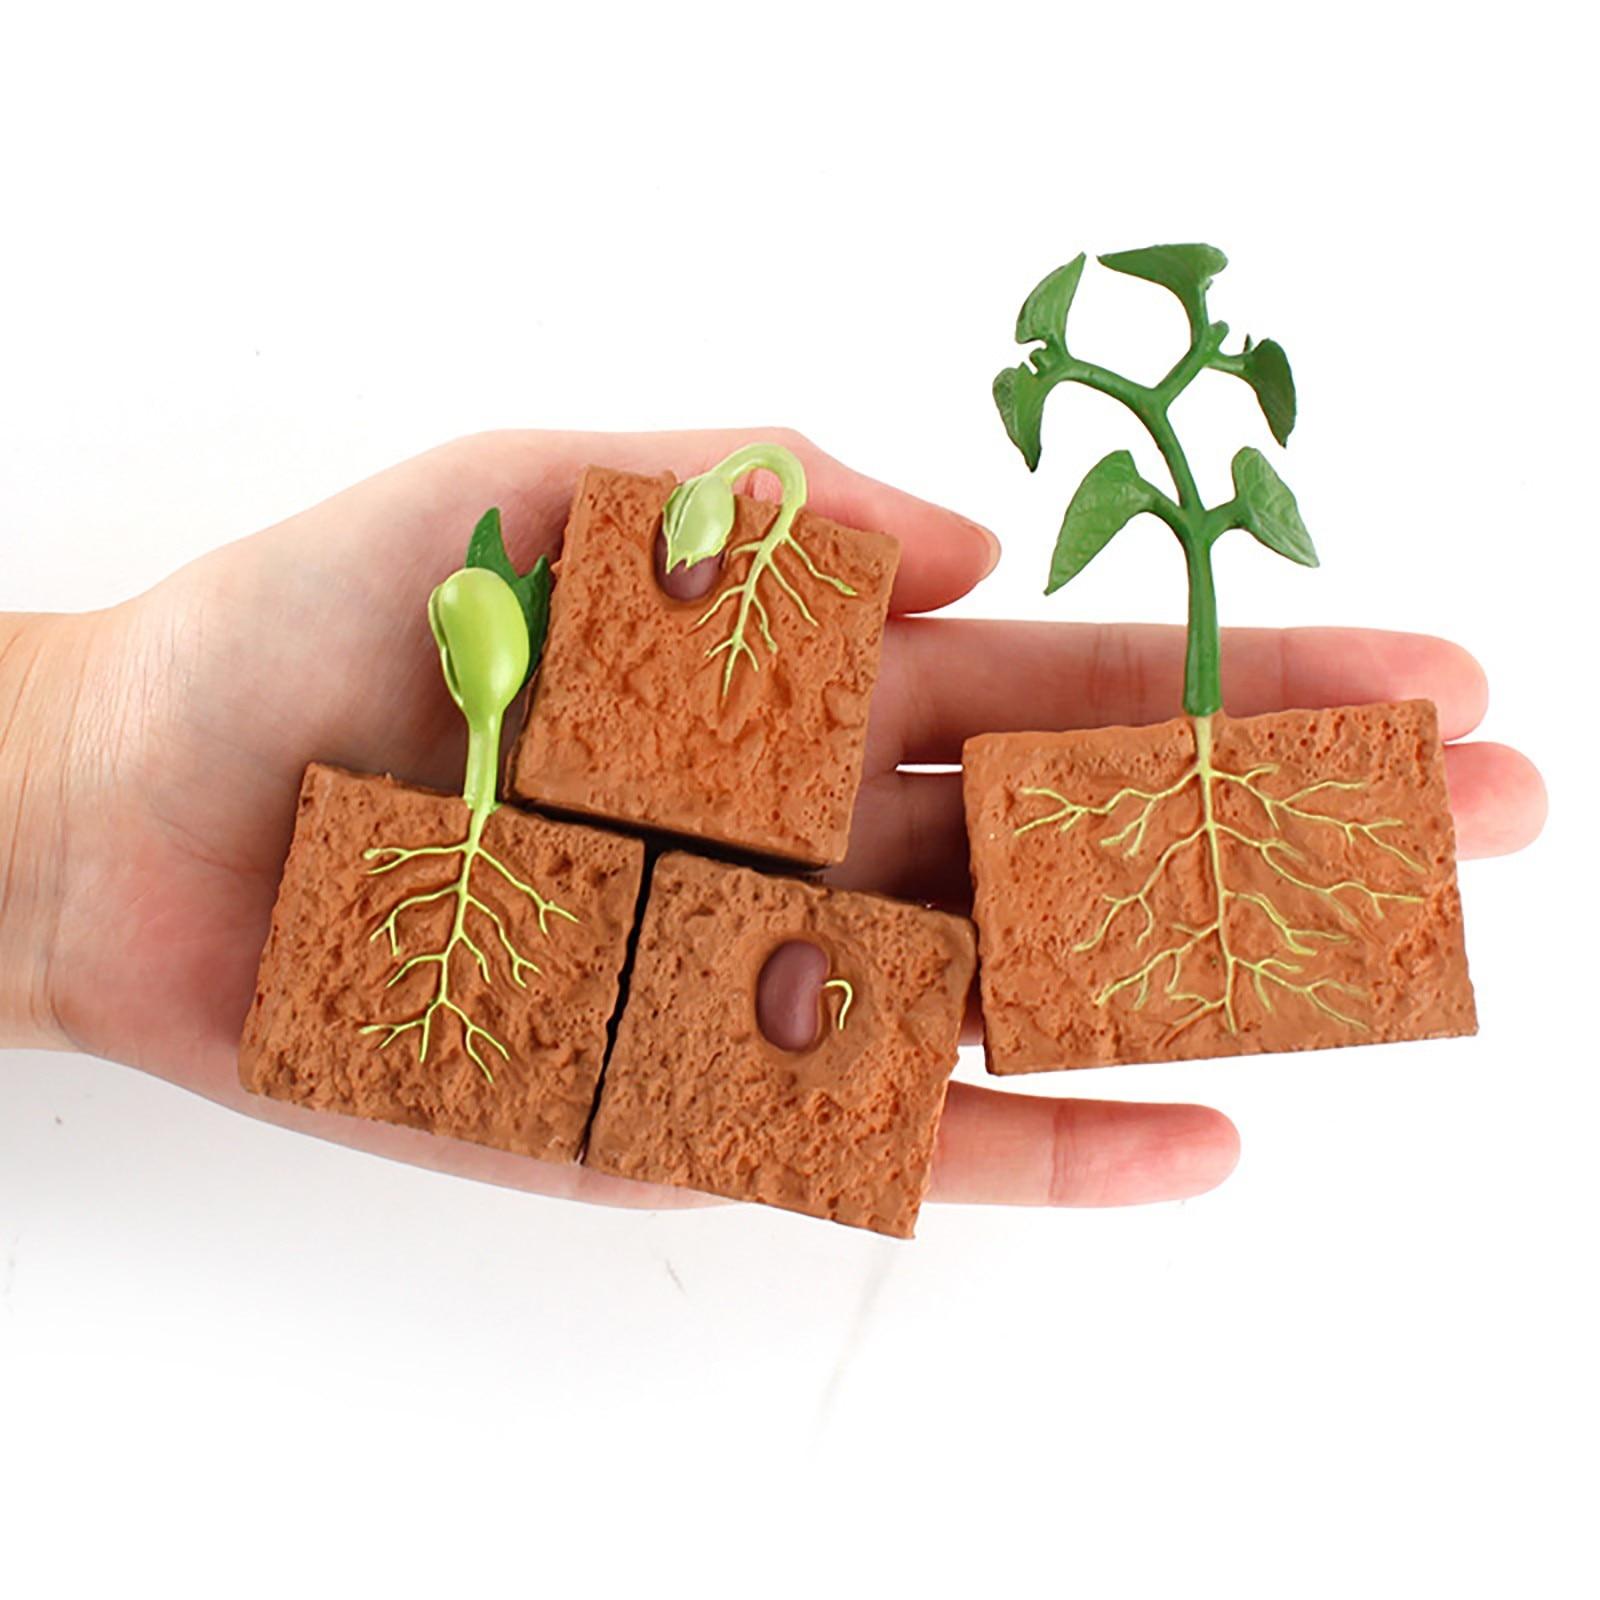 Цикл роста растений, набор моделей жизненного цикла, имитационная модель, обучающий материал, обучающая детская игрушка, мини-модели растен...